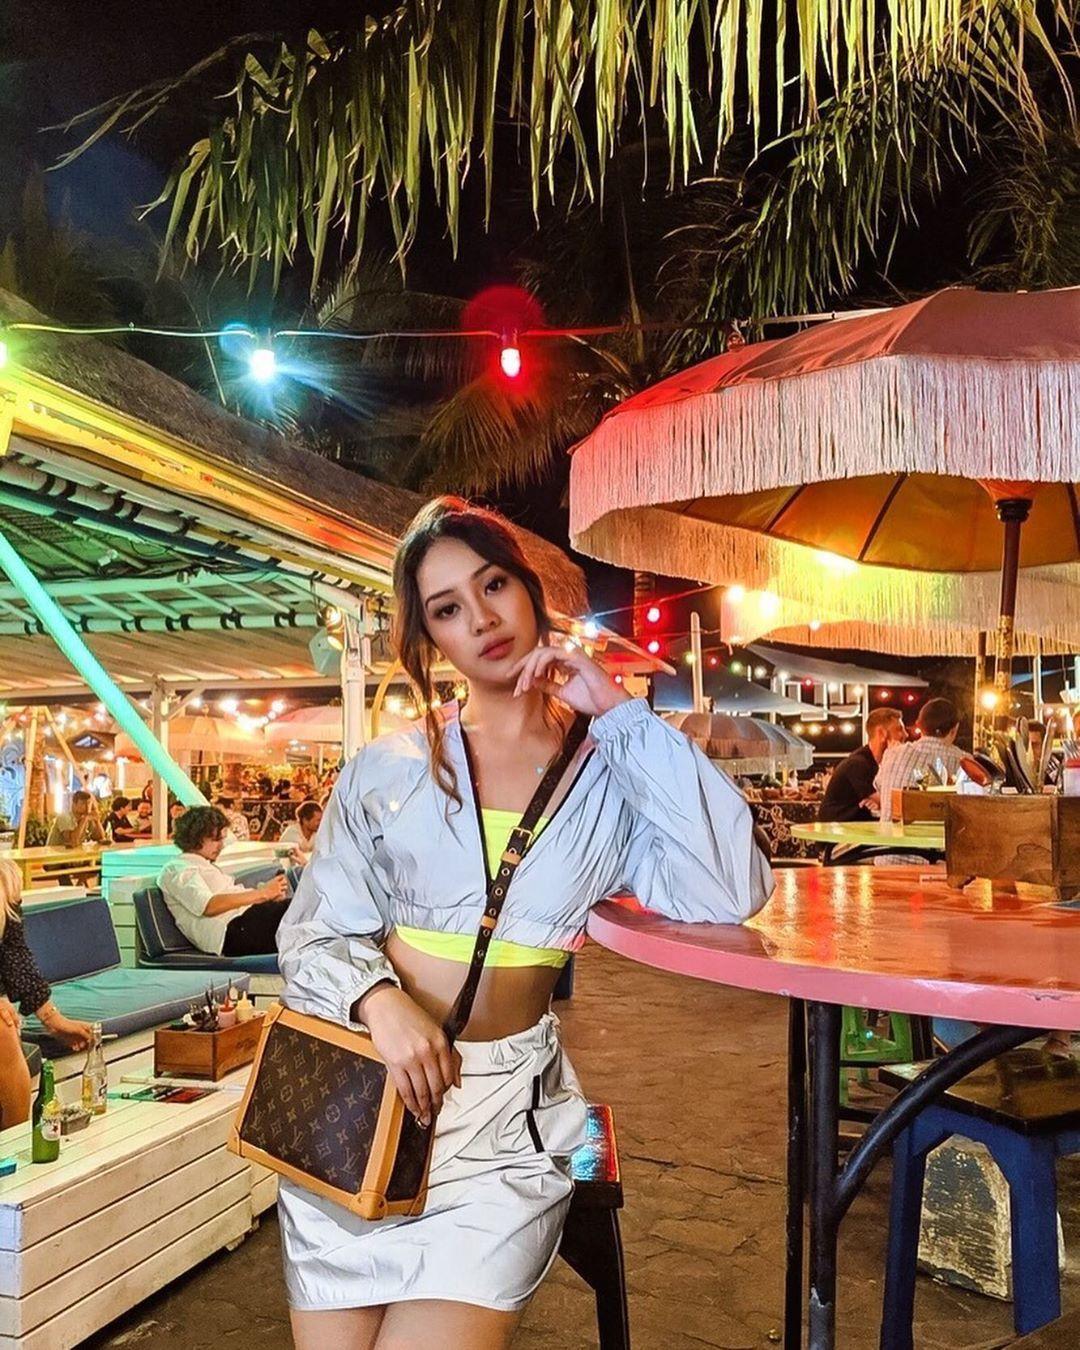 Bali, Inilah Potret Traveling ala Anya Geraldine